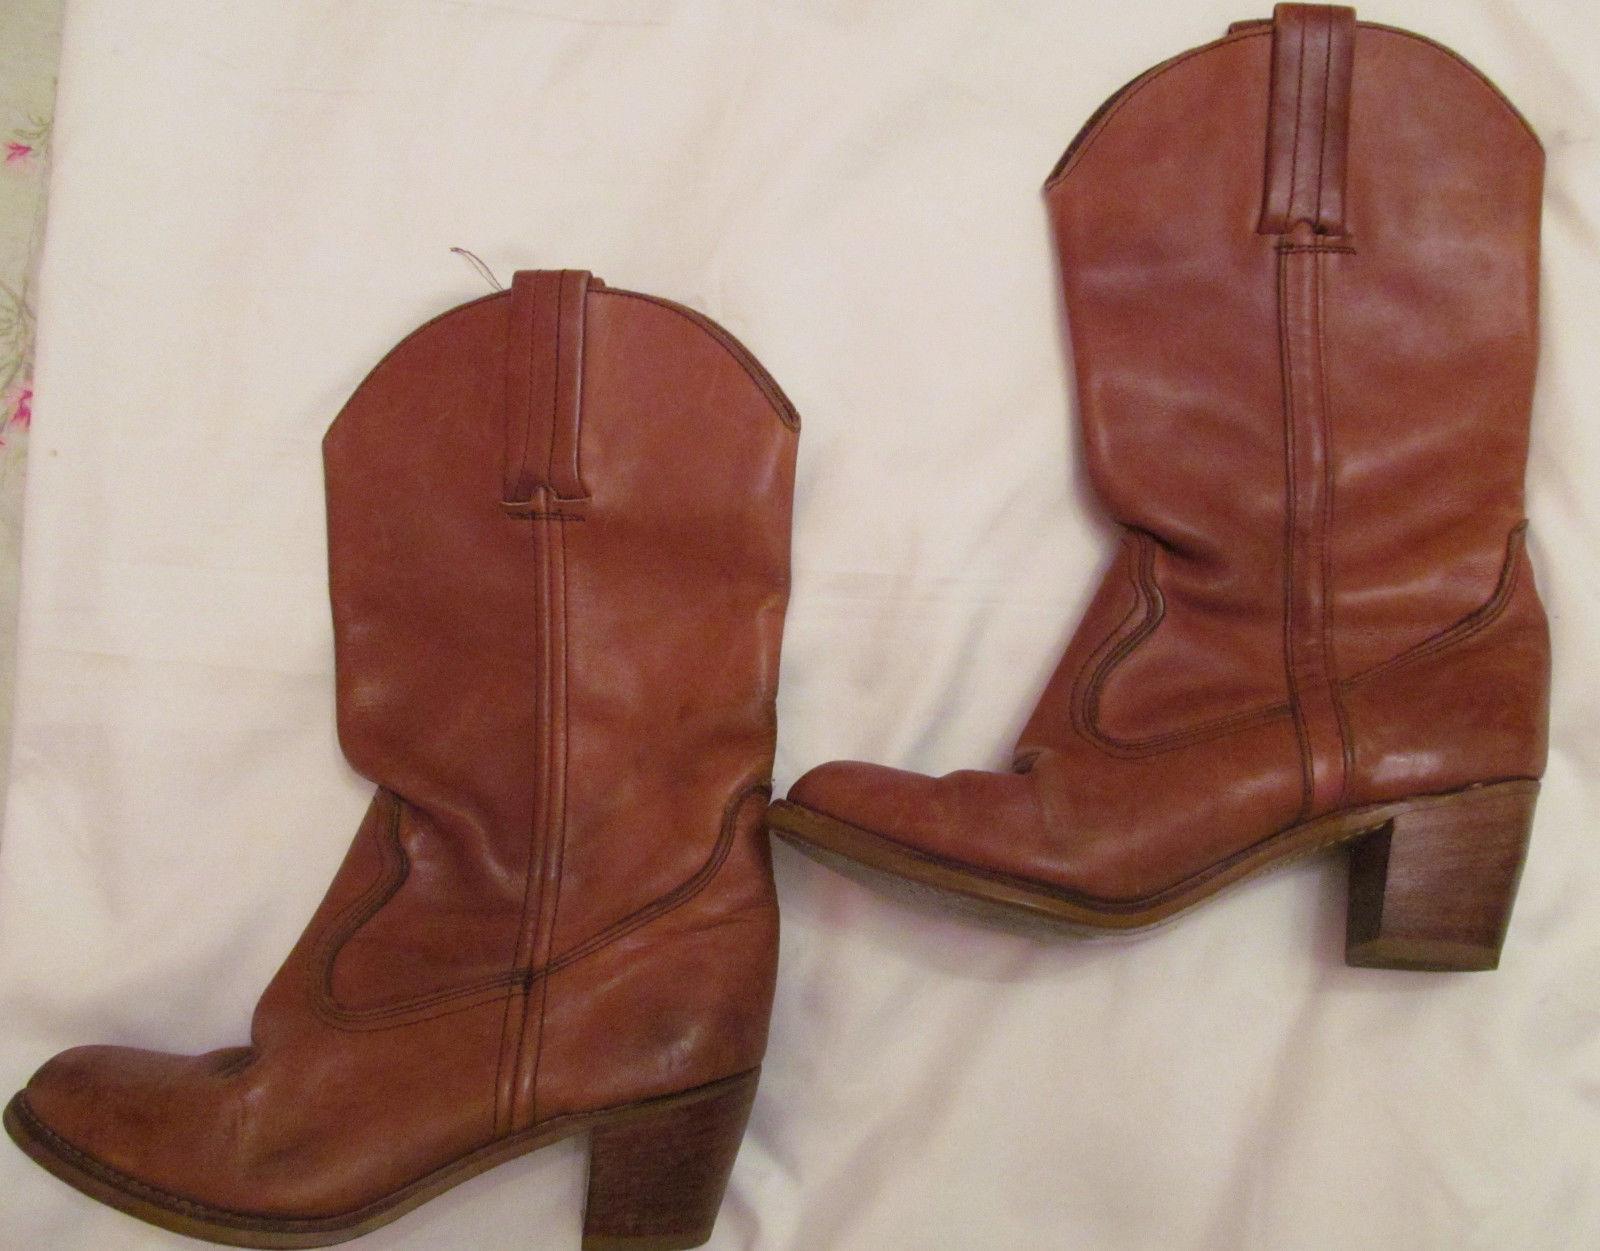 Vintage DEXTER cognac brown western cowboy boots 7.5 M